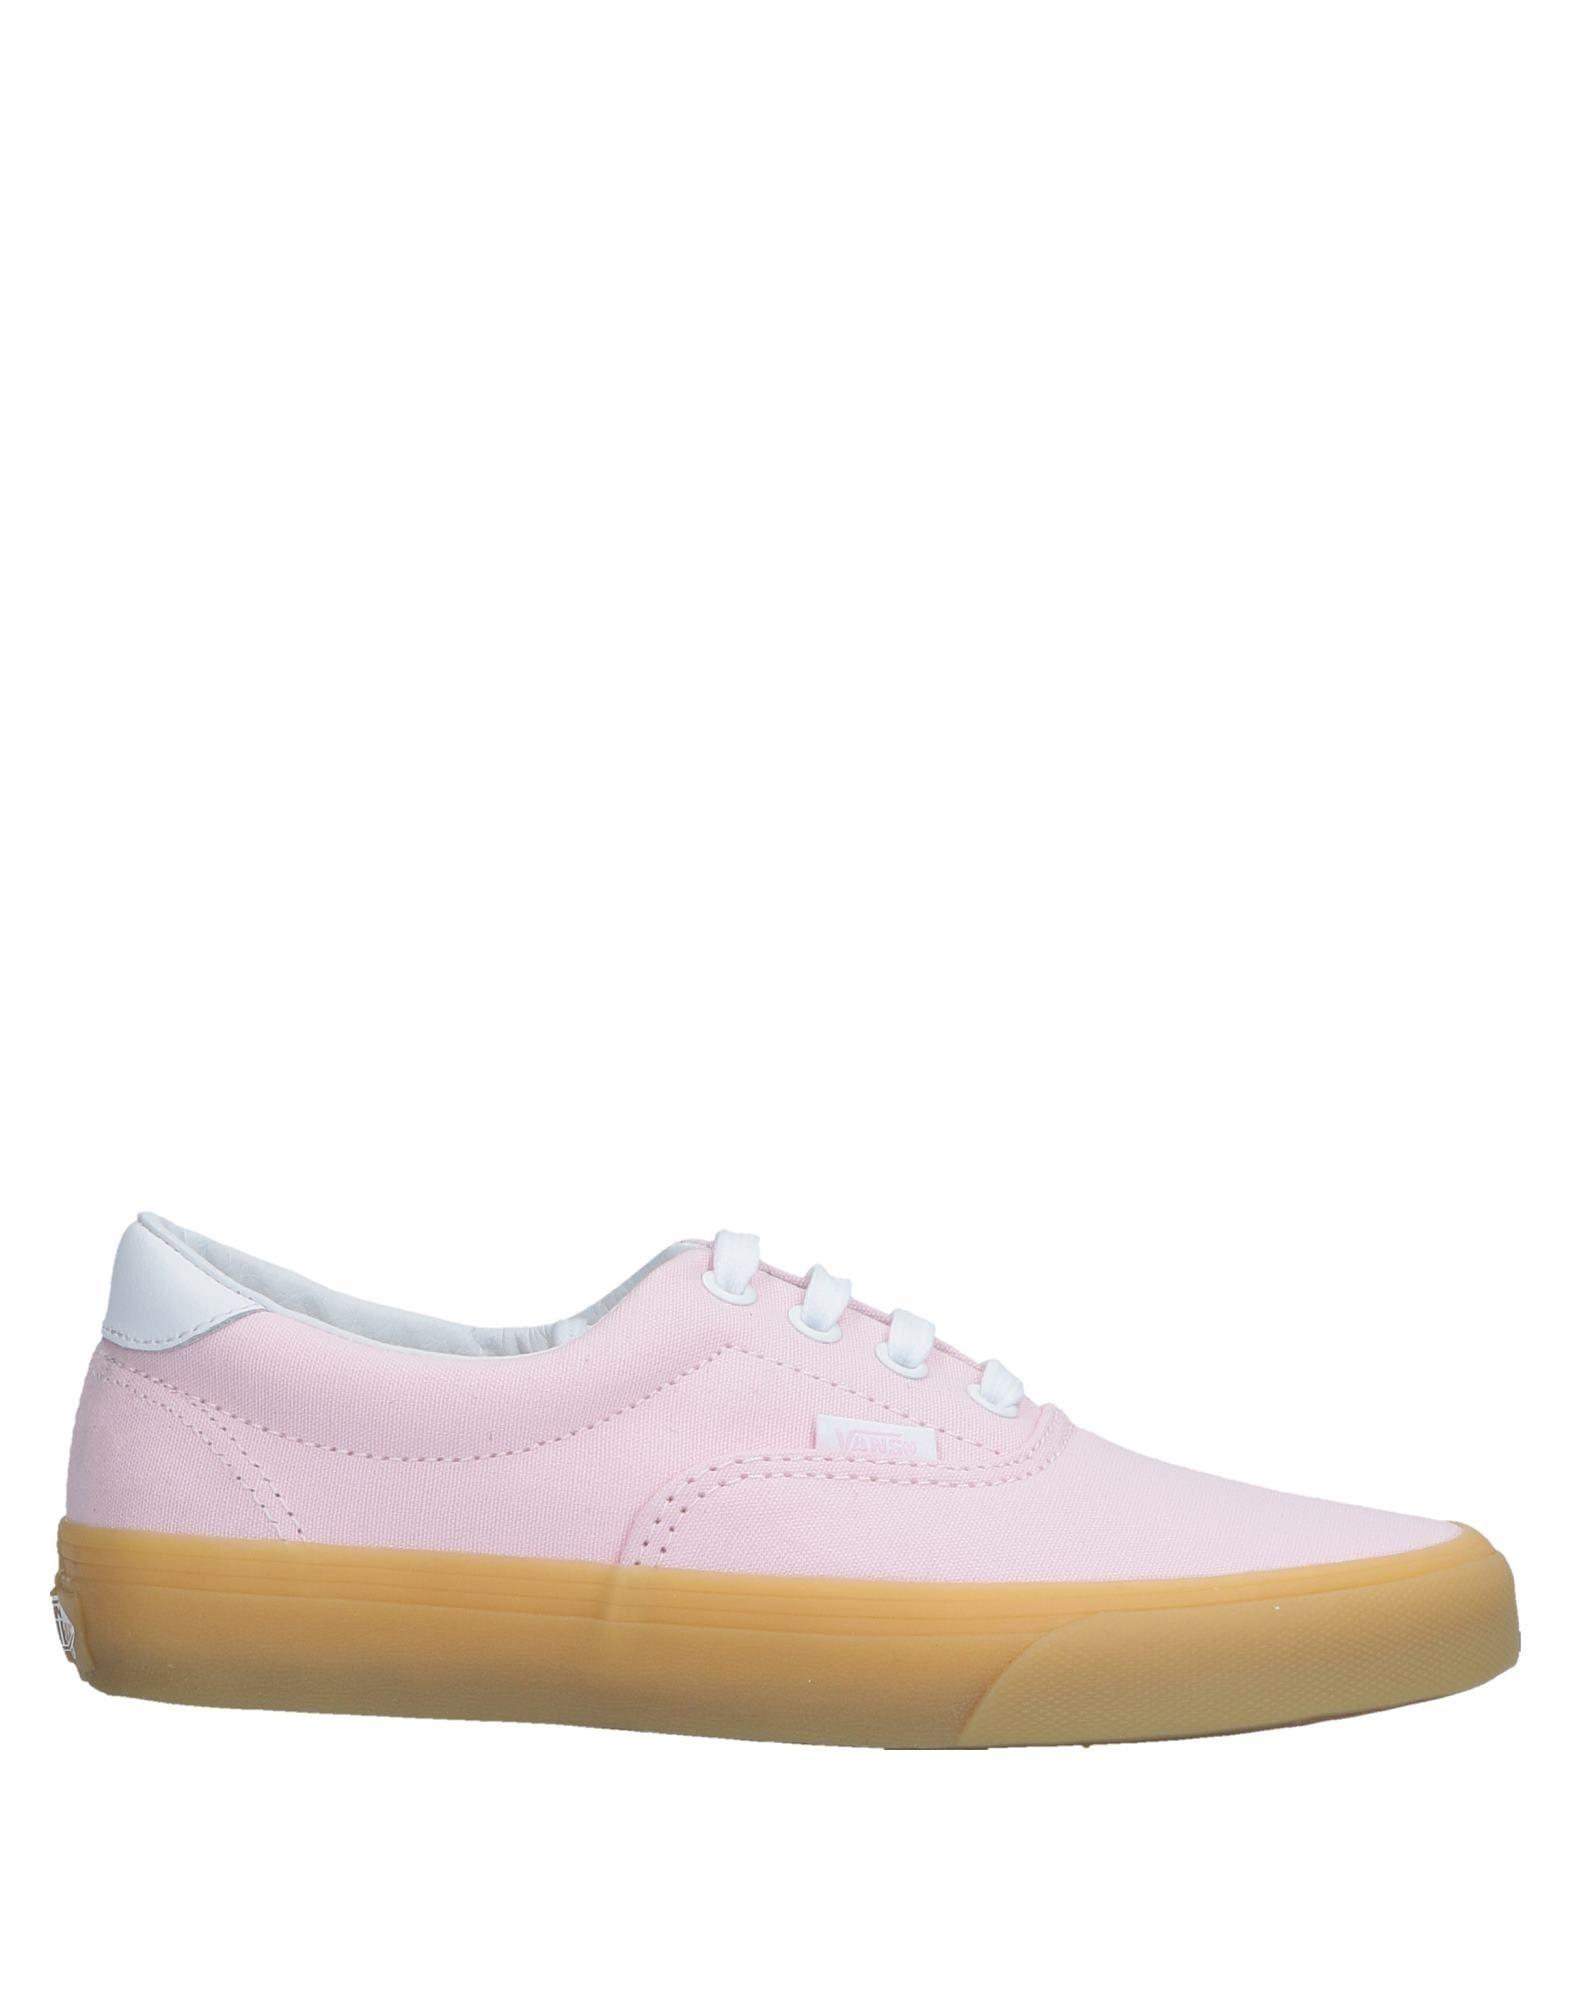 Zapatillas Vans Mujer - Zapatillas Vans Vans Zapatillas  Rosa 4c1f70